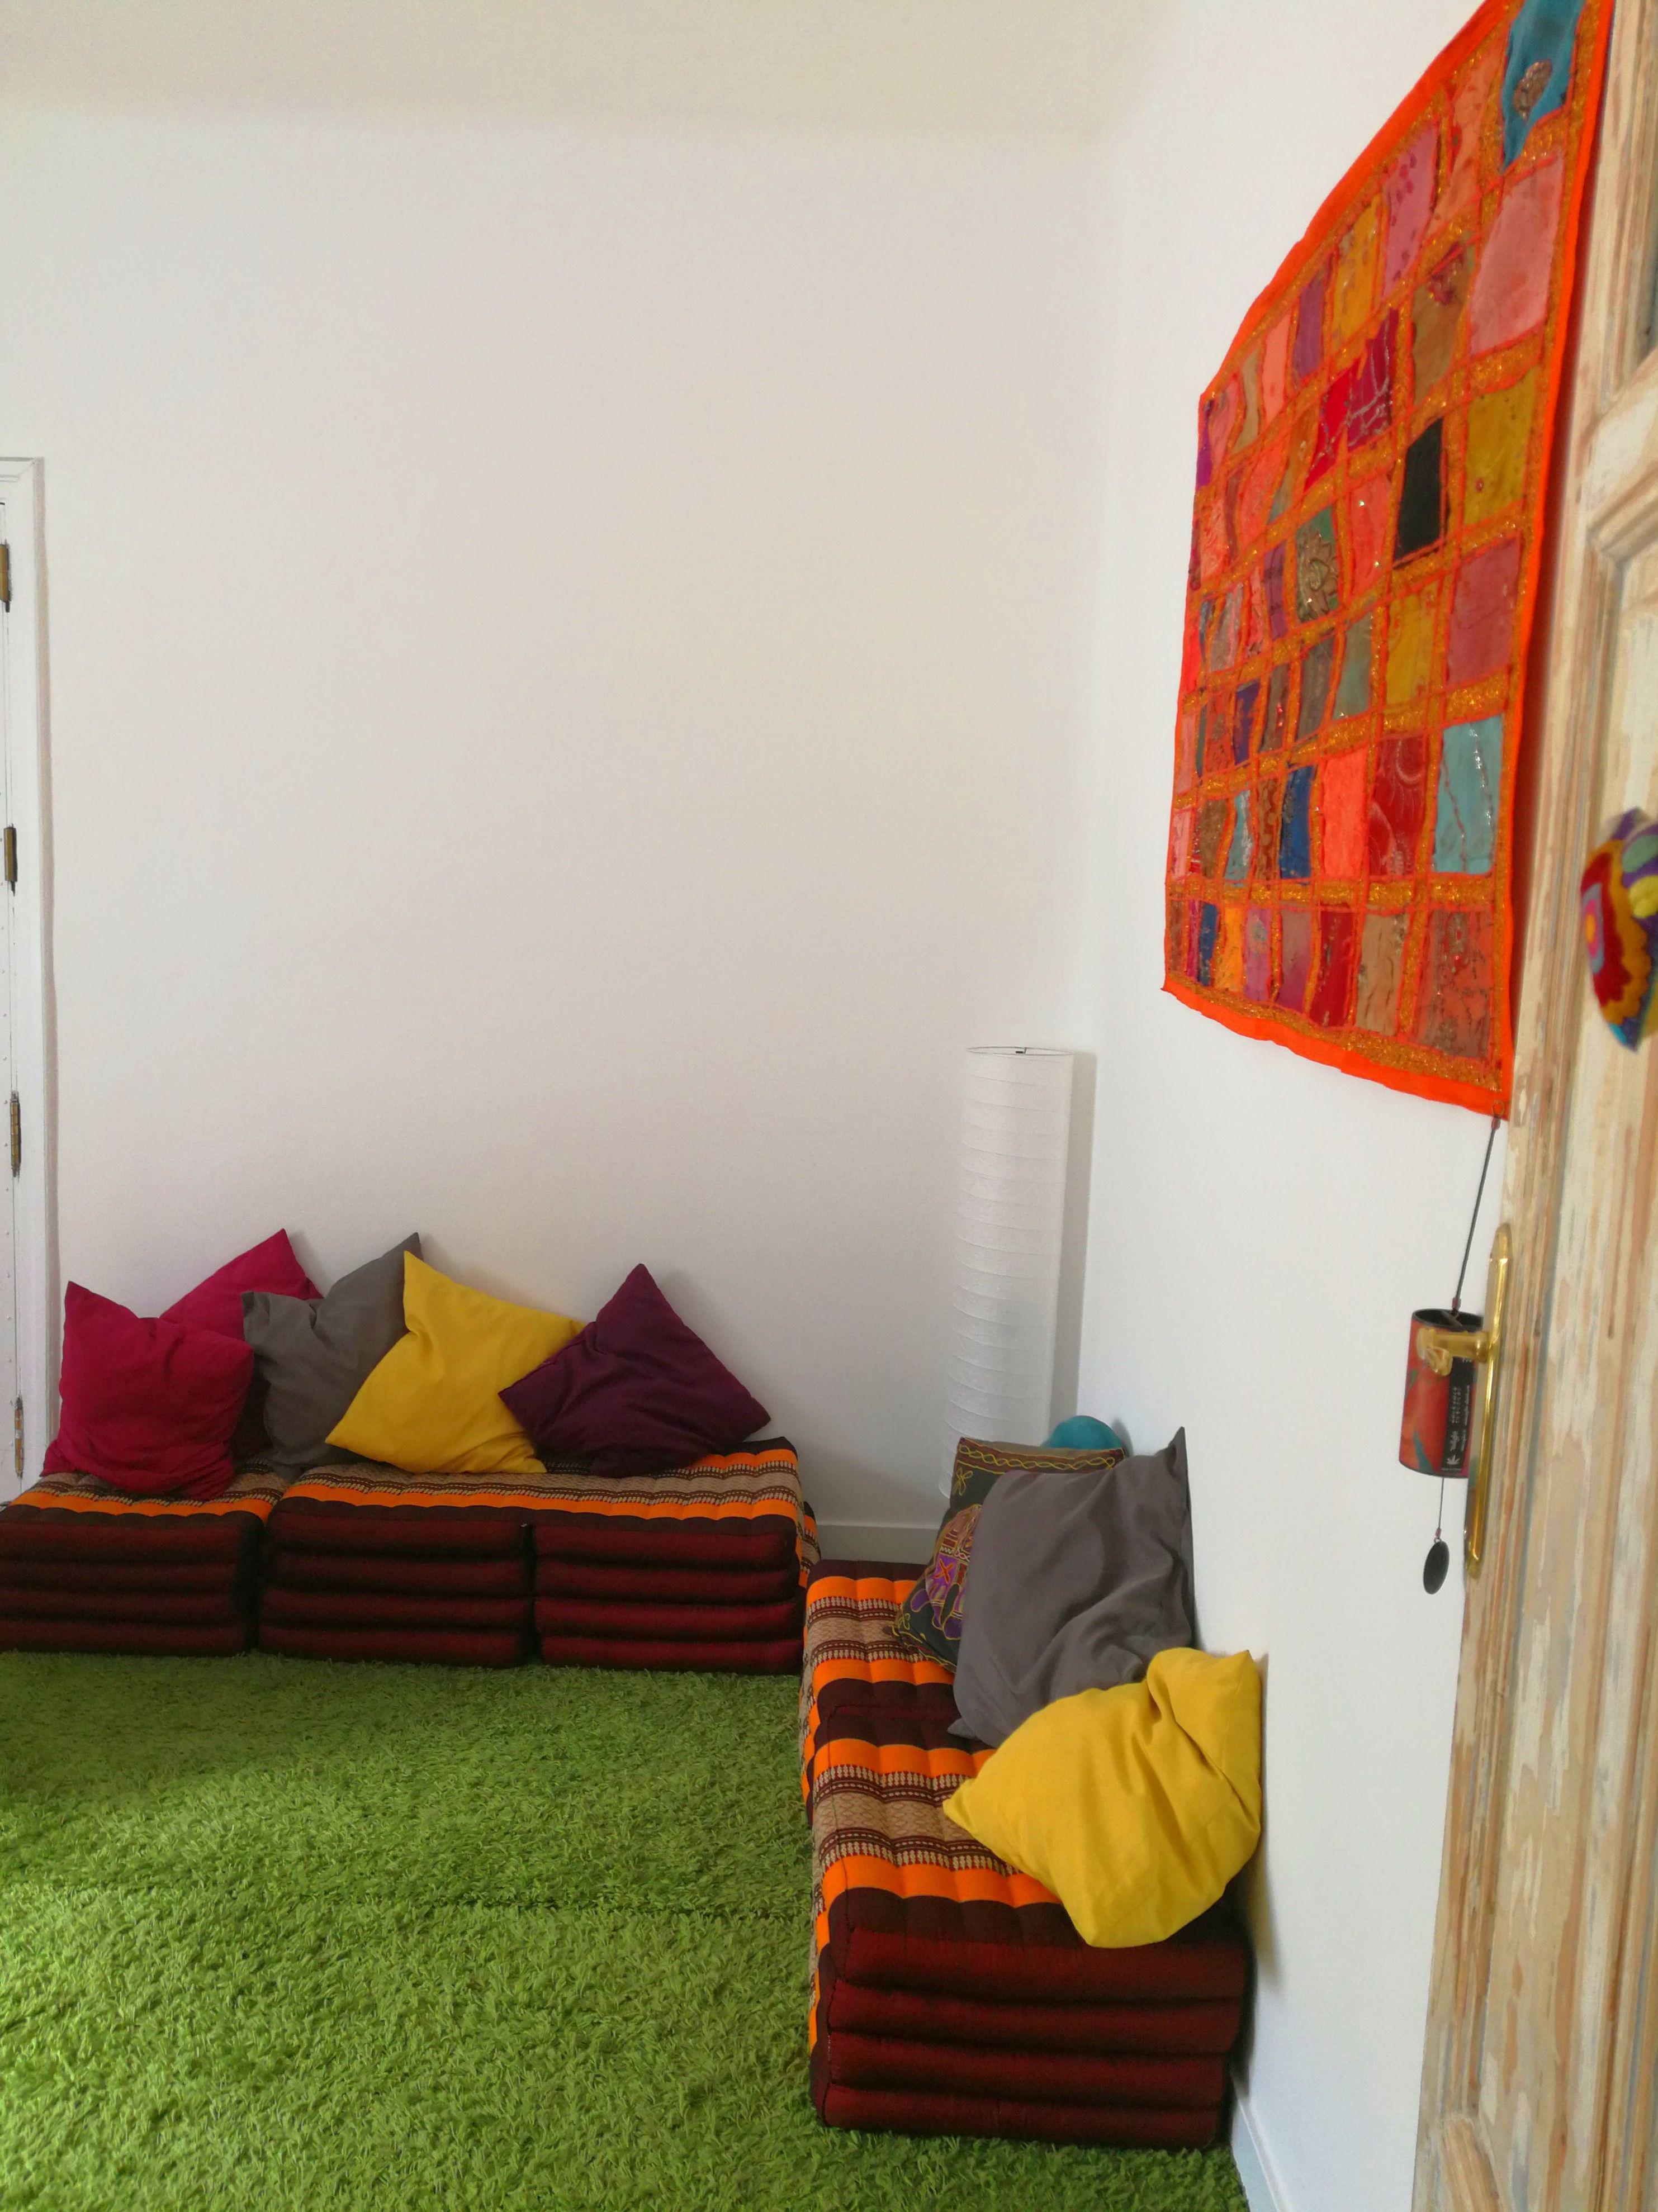 Foto 6 de Terapeuta en Madrid | Terapia Gestalt Integrativa